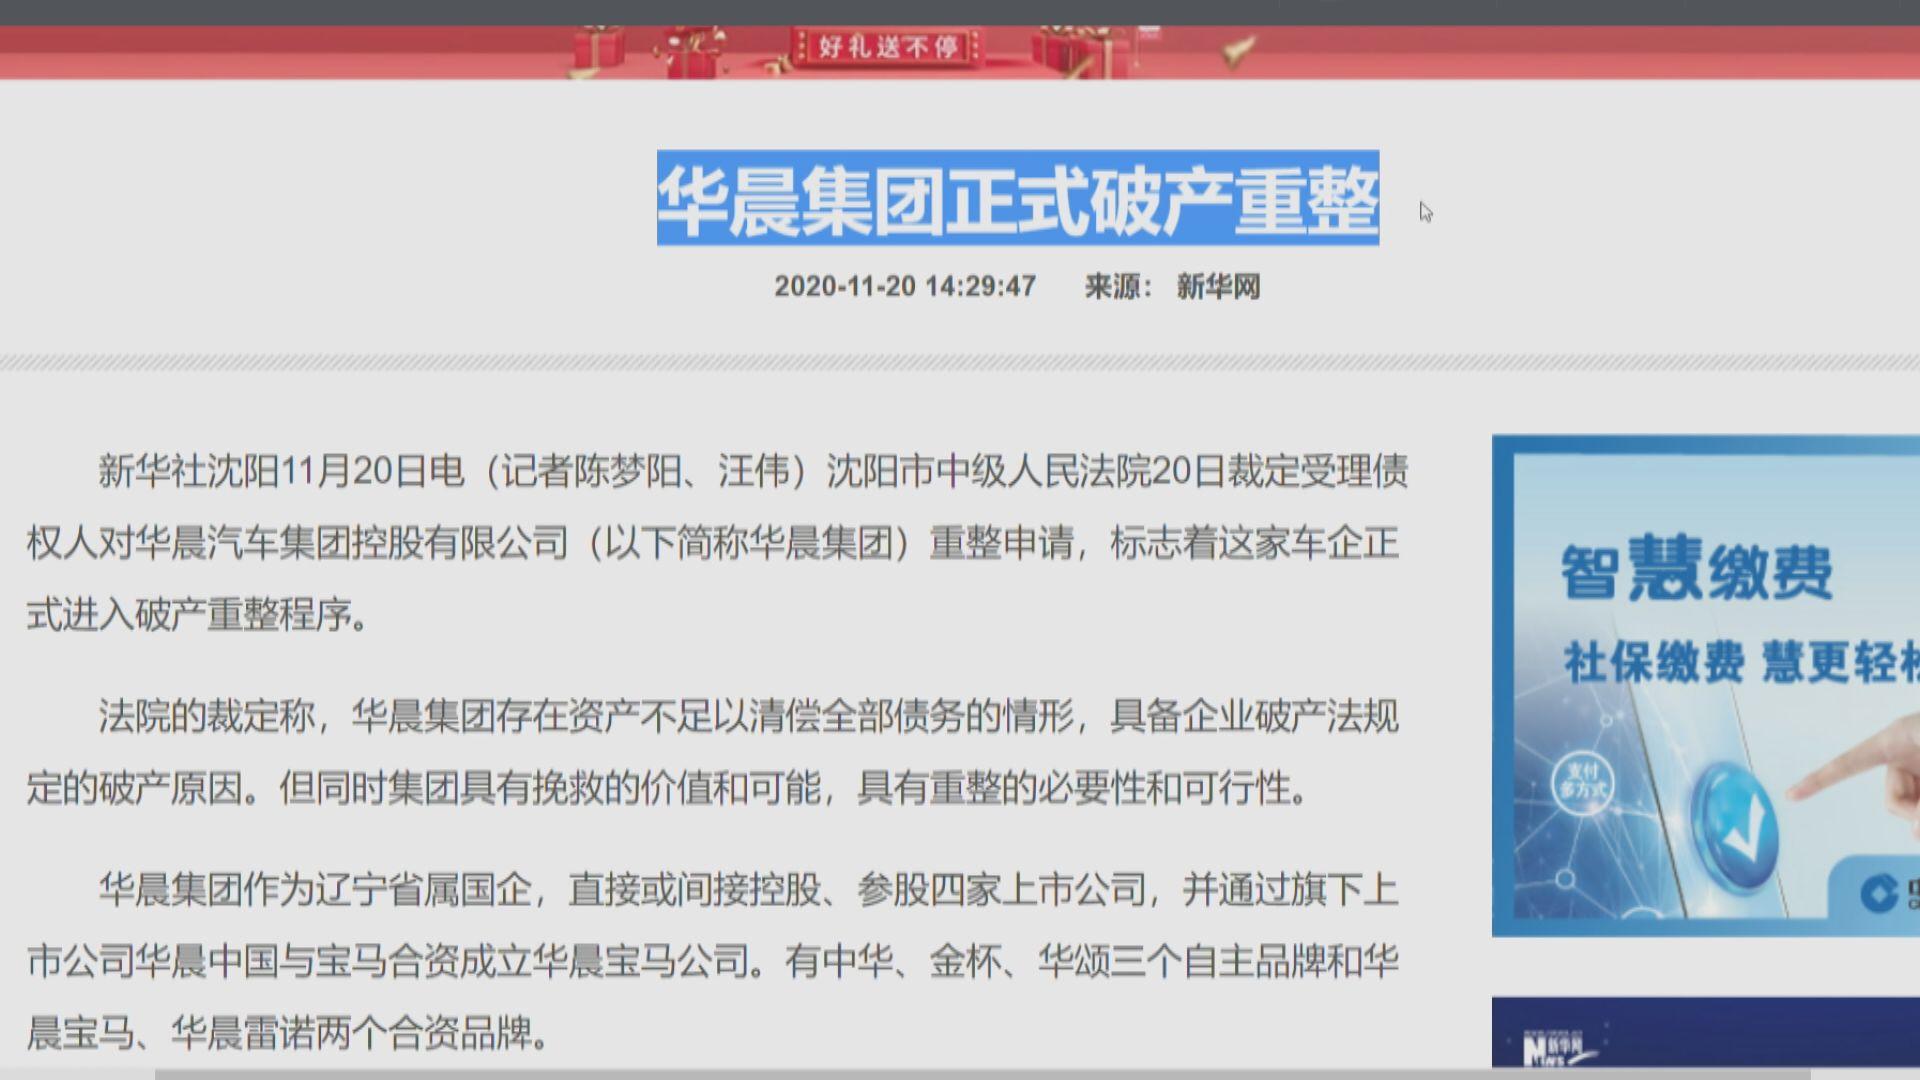 【債務危機】法院裁定華晨汽車集團進入破產重組程序